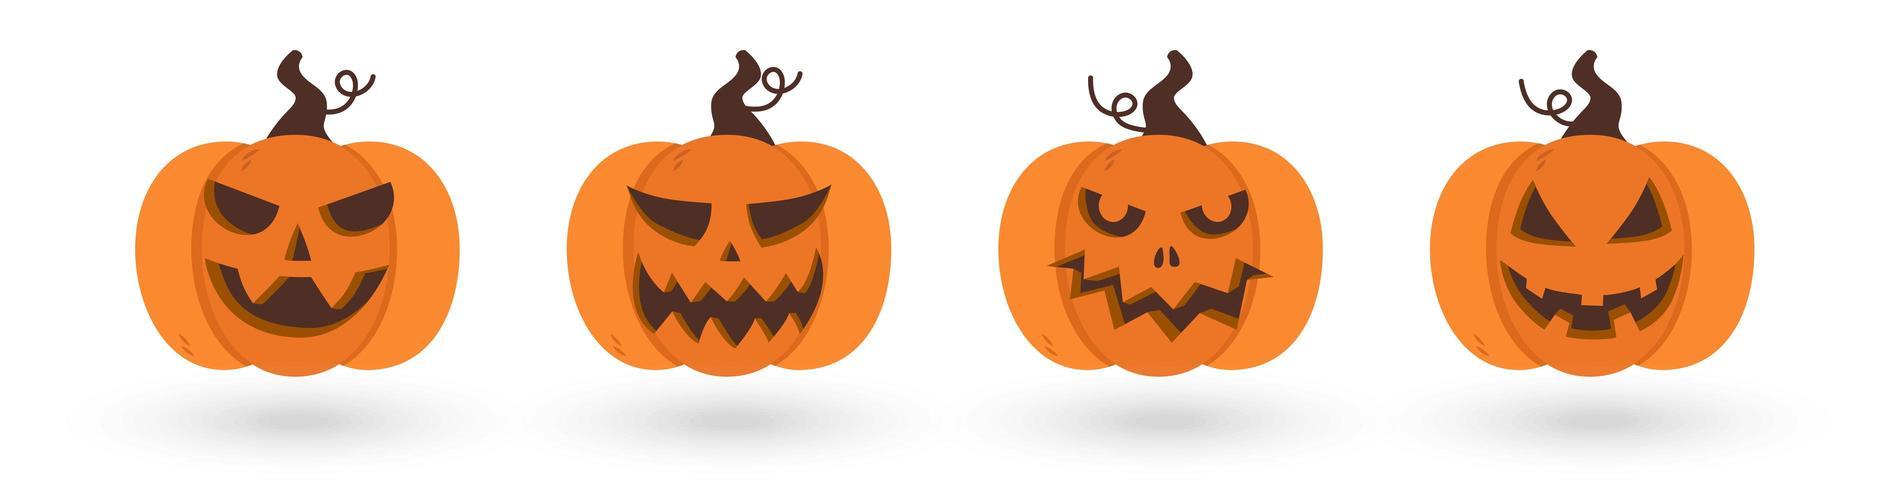 Ensemble de citrouilles d'halloween effrayant et drôle vecteur